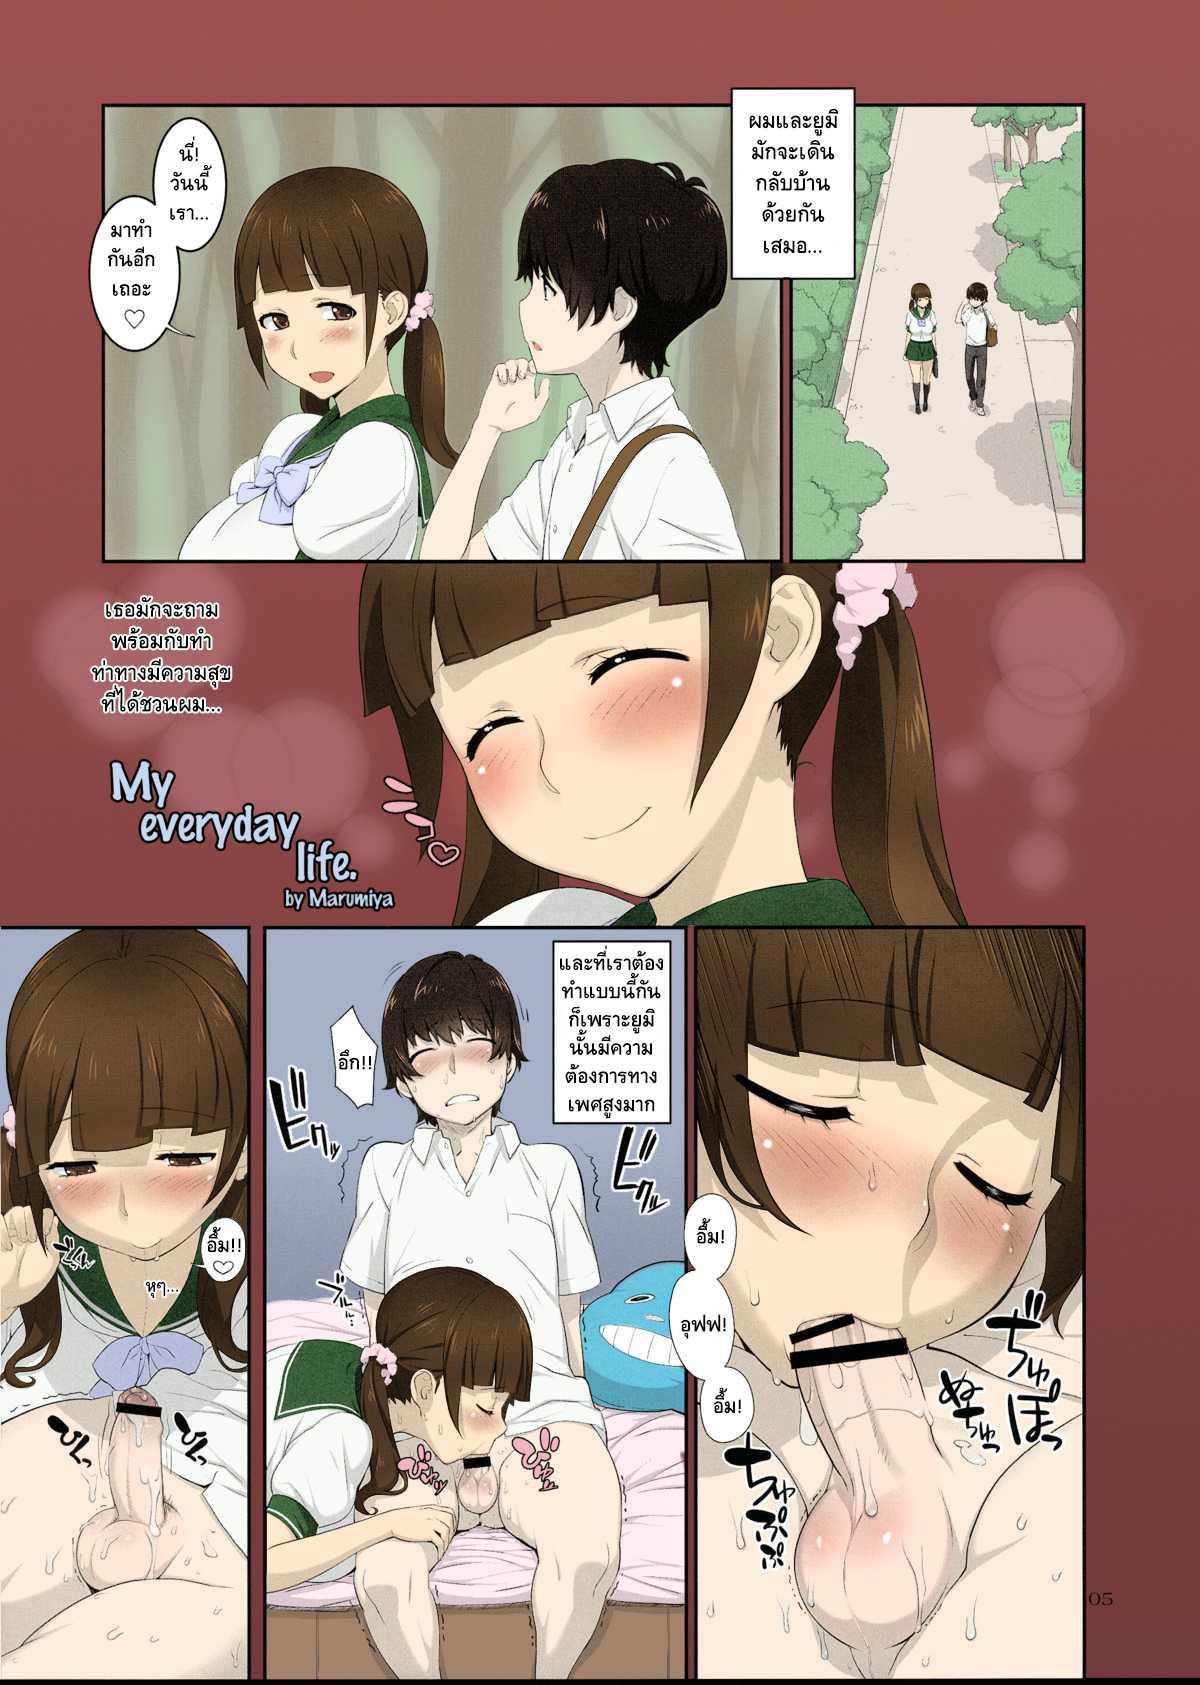 c82-p-shoukai-marumiya-boku-no-nichijou-my-everyday-life-momo-an-25